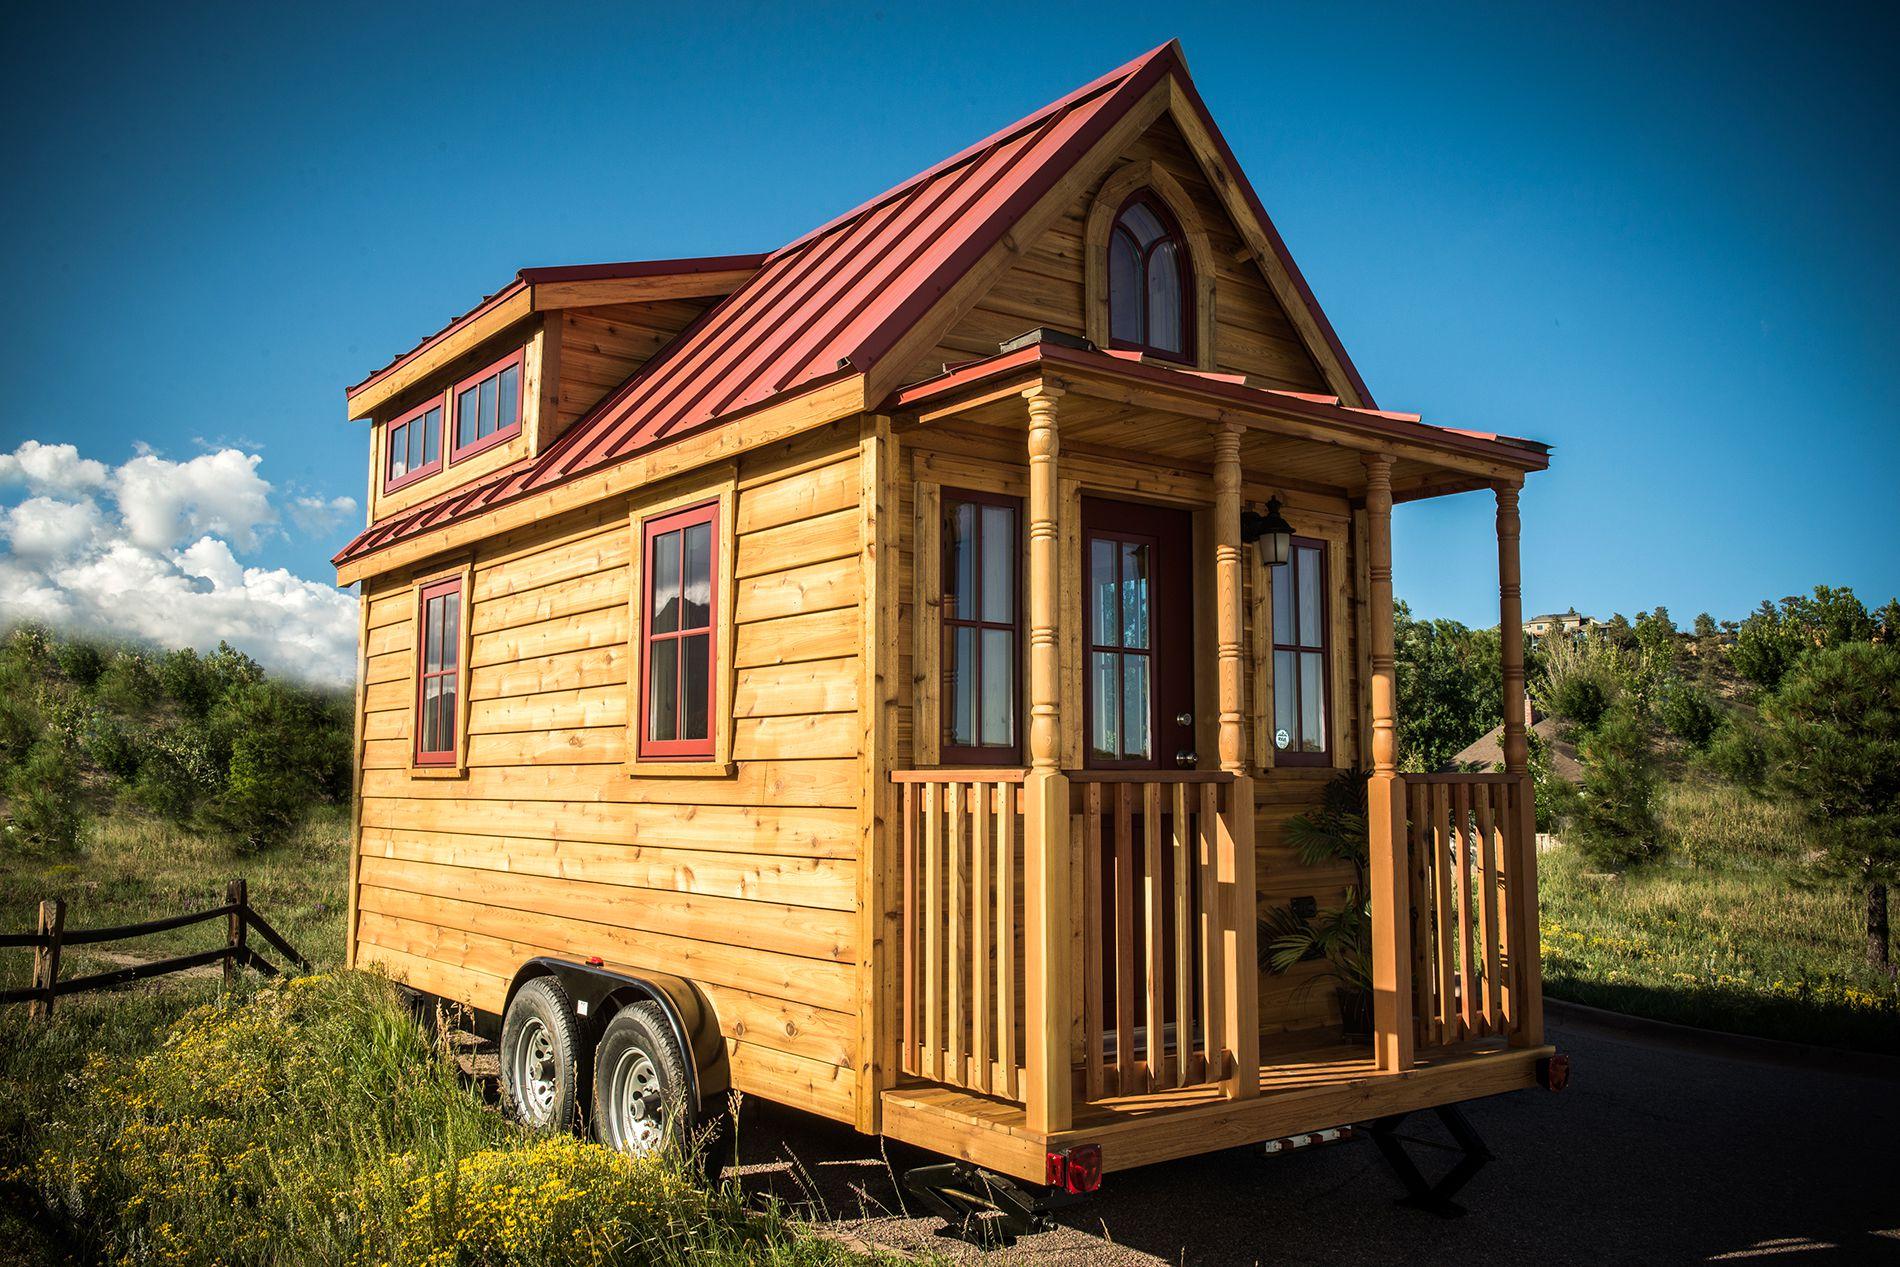 La Tiny house, vivre dans de petits espaces